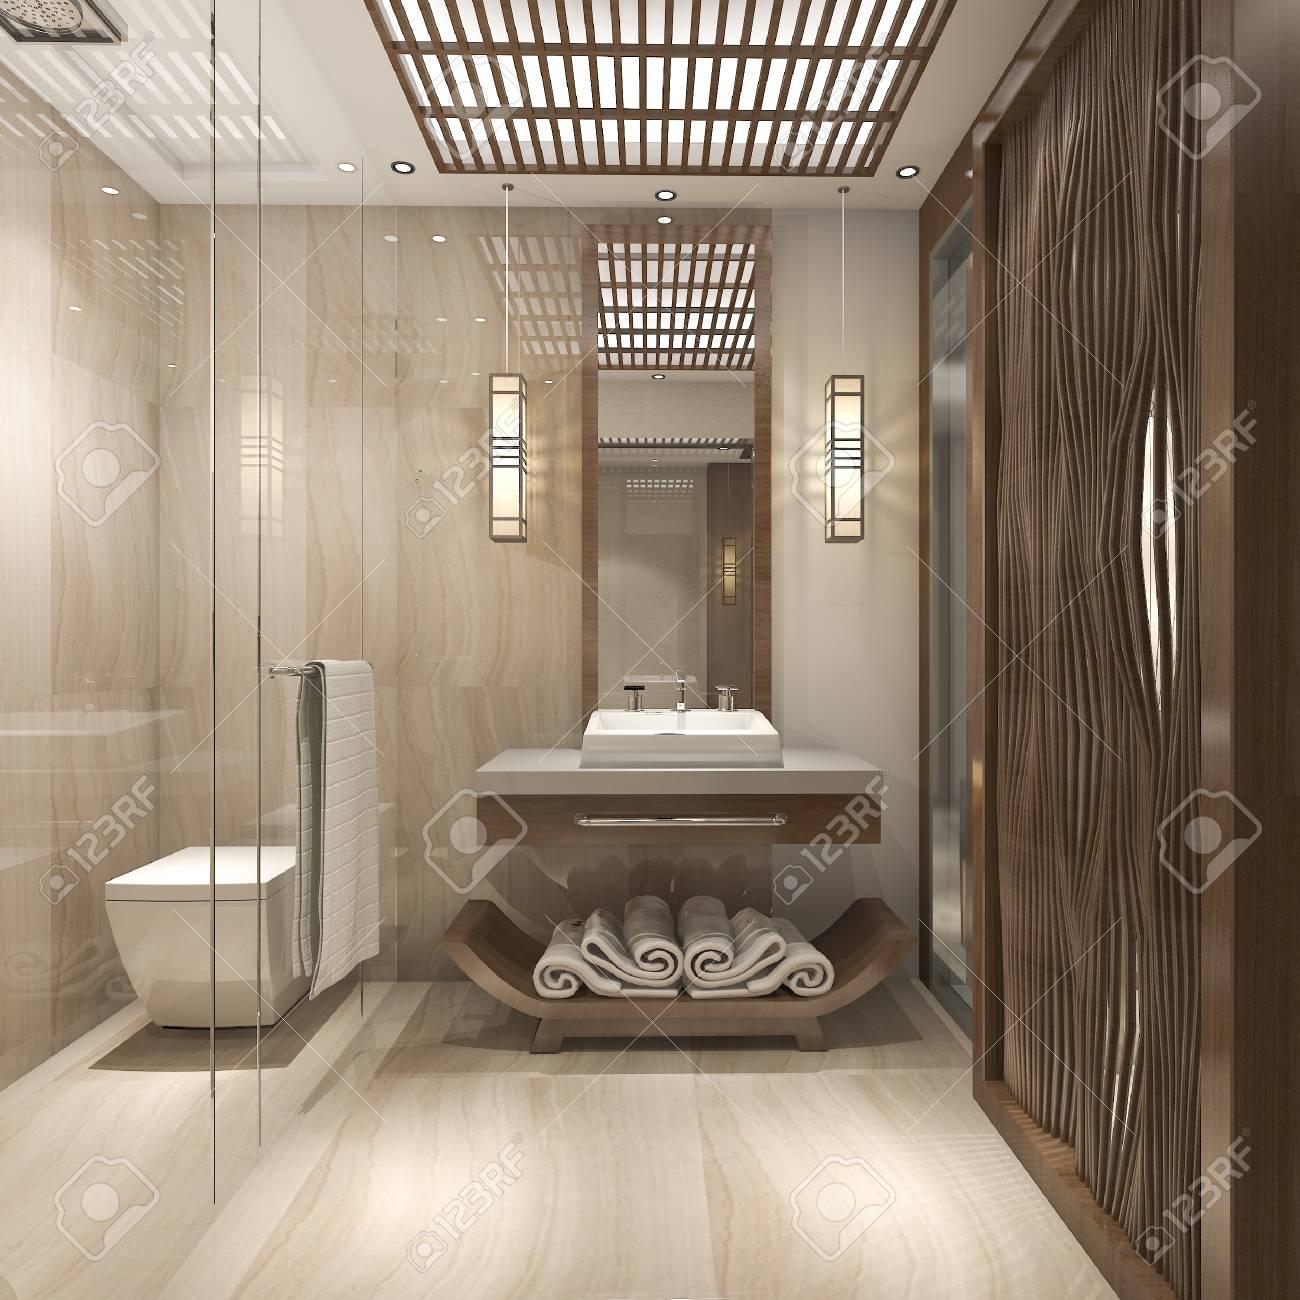 3d Rendering Modern Luxury Wood Bathroom In Suite Hotel Stock Photo